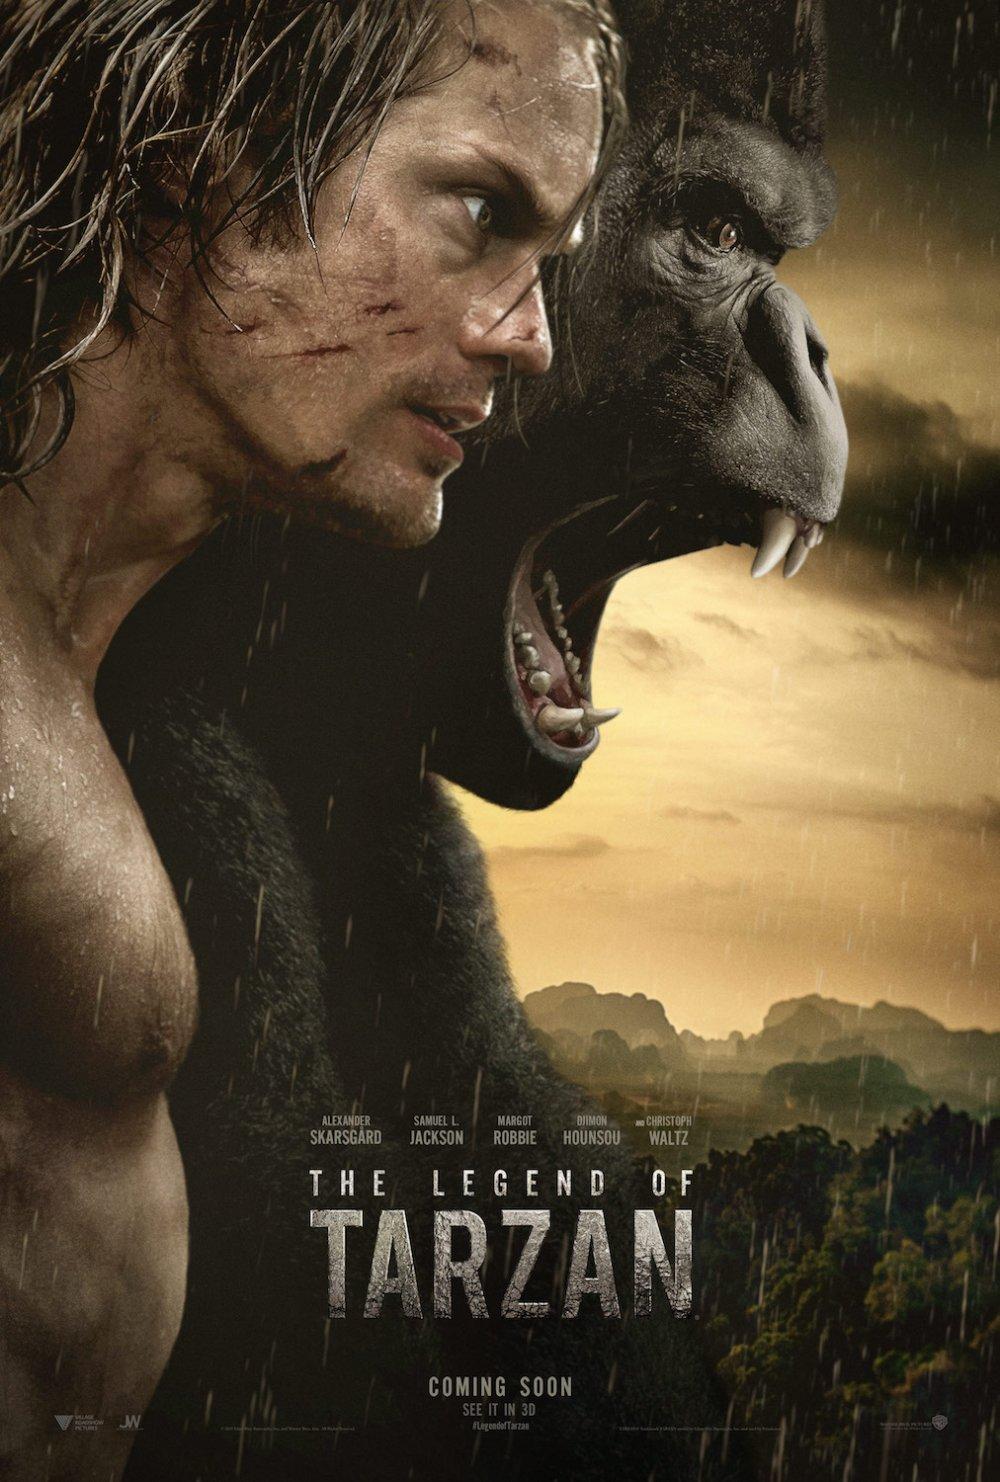 The Legend of Tazan teaser poster